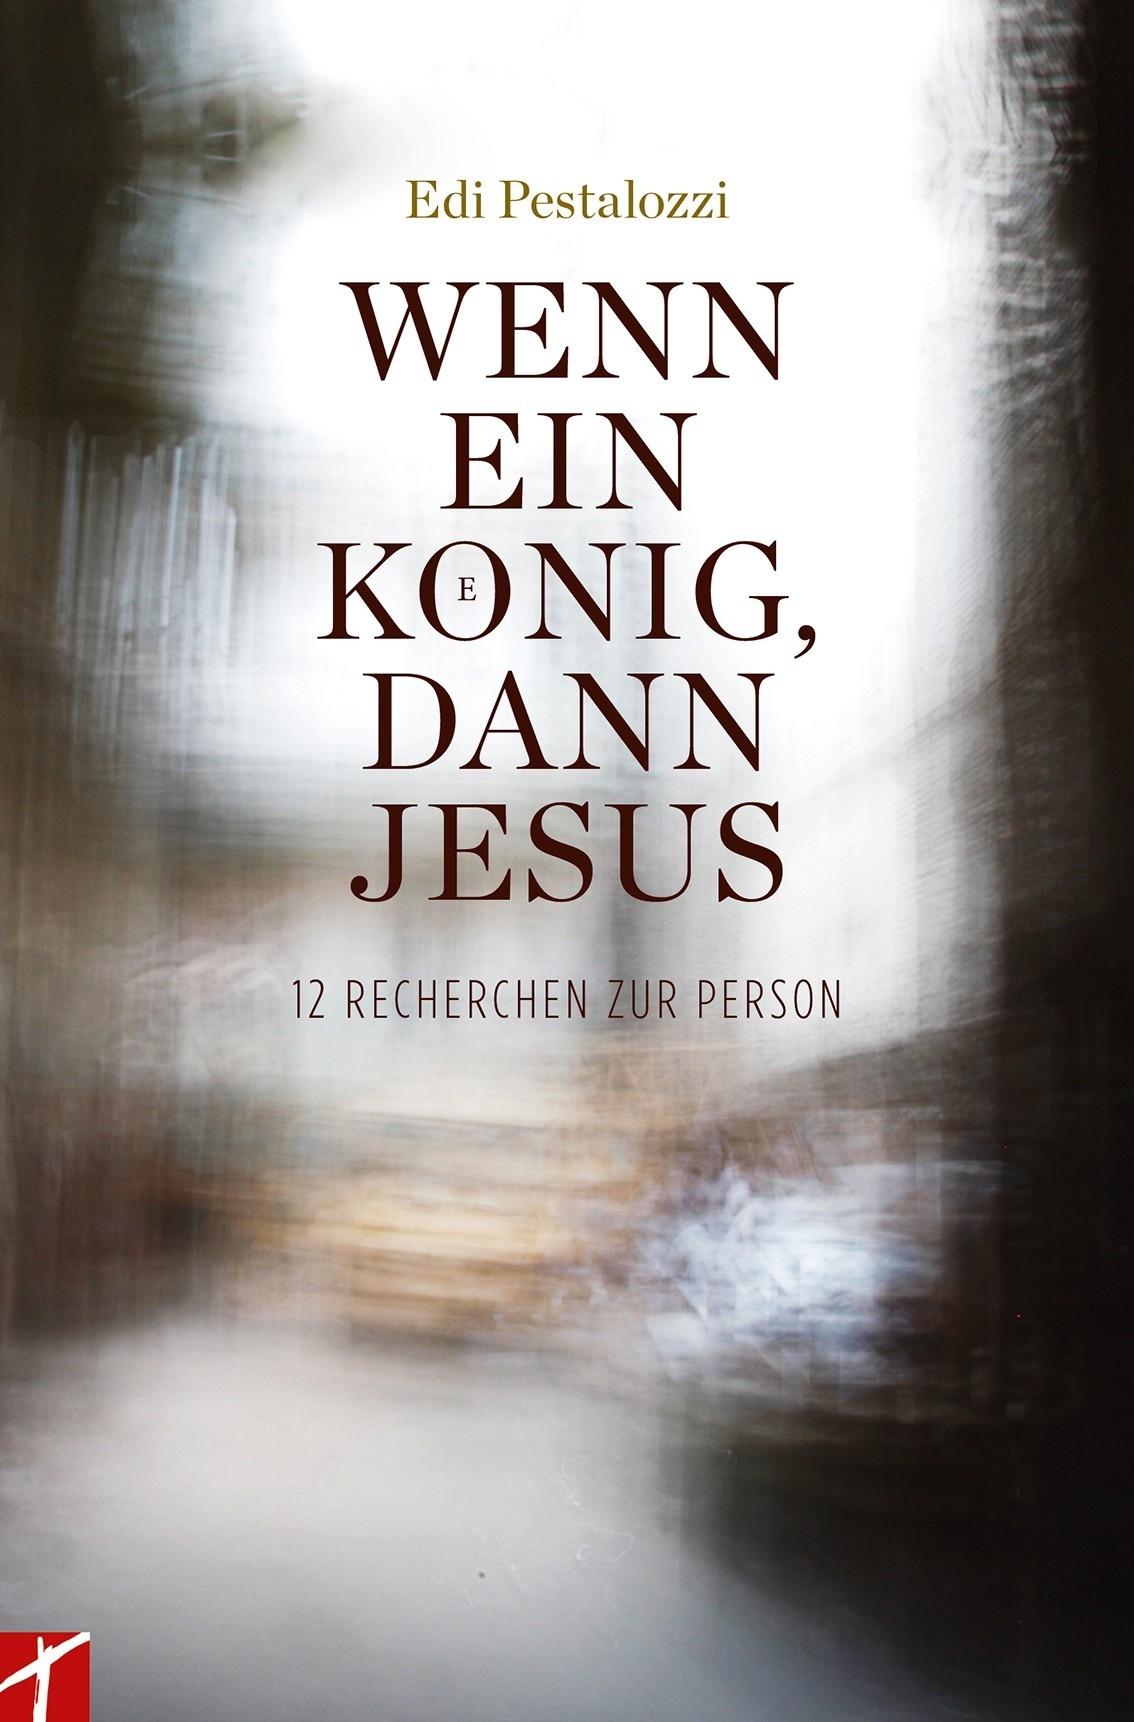 Wenn ein König, dann Jesus